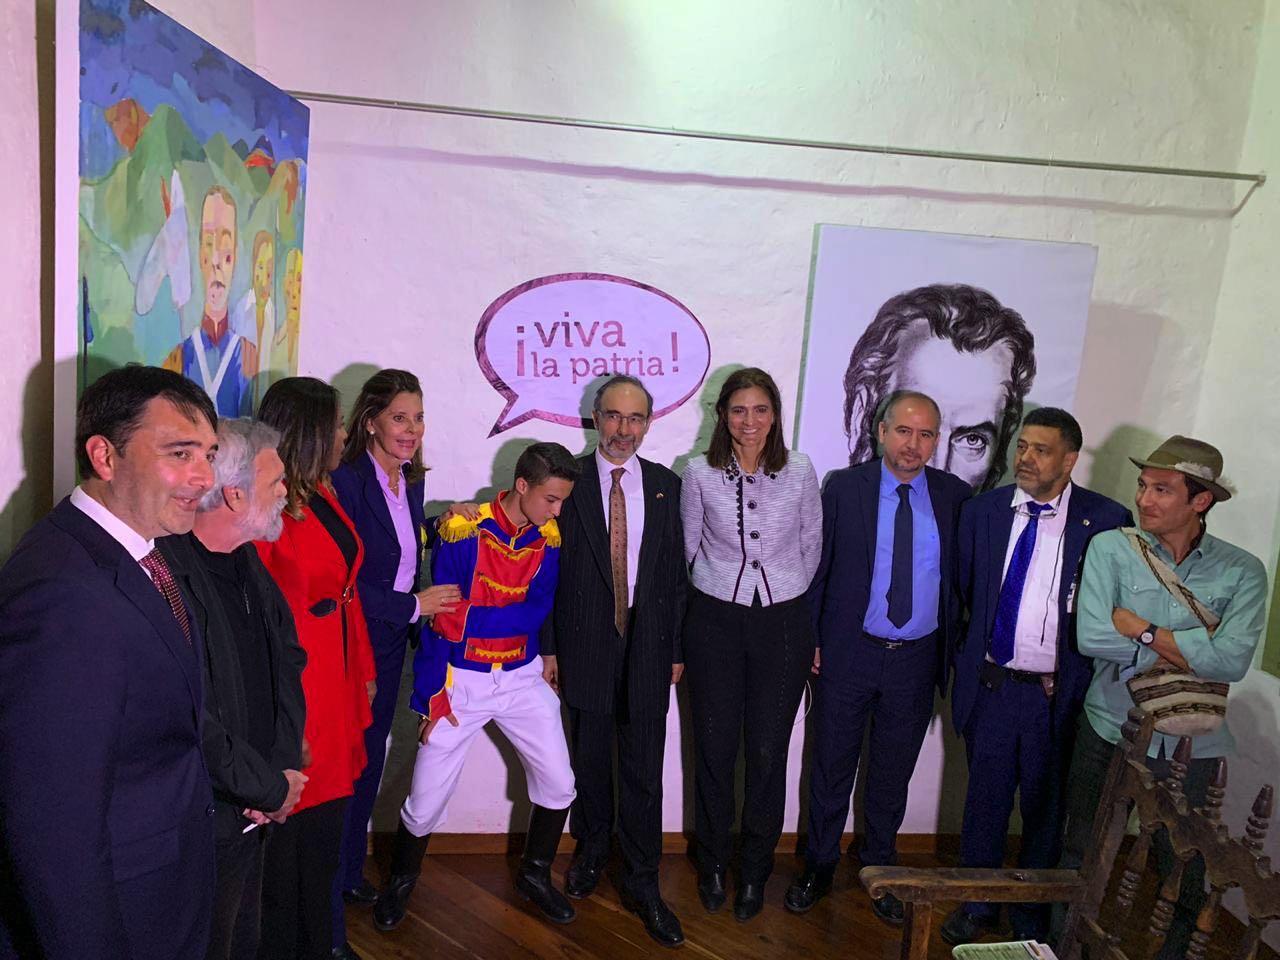 La exposición fue inaugurada por la vicepresidenta de Colombia Martha Lucía Ramírez y la Min. Cultura, Carmen Vásquez, entre otros.